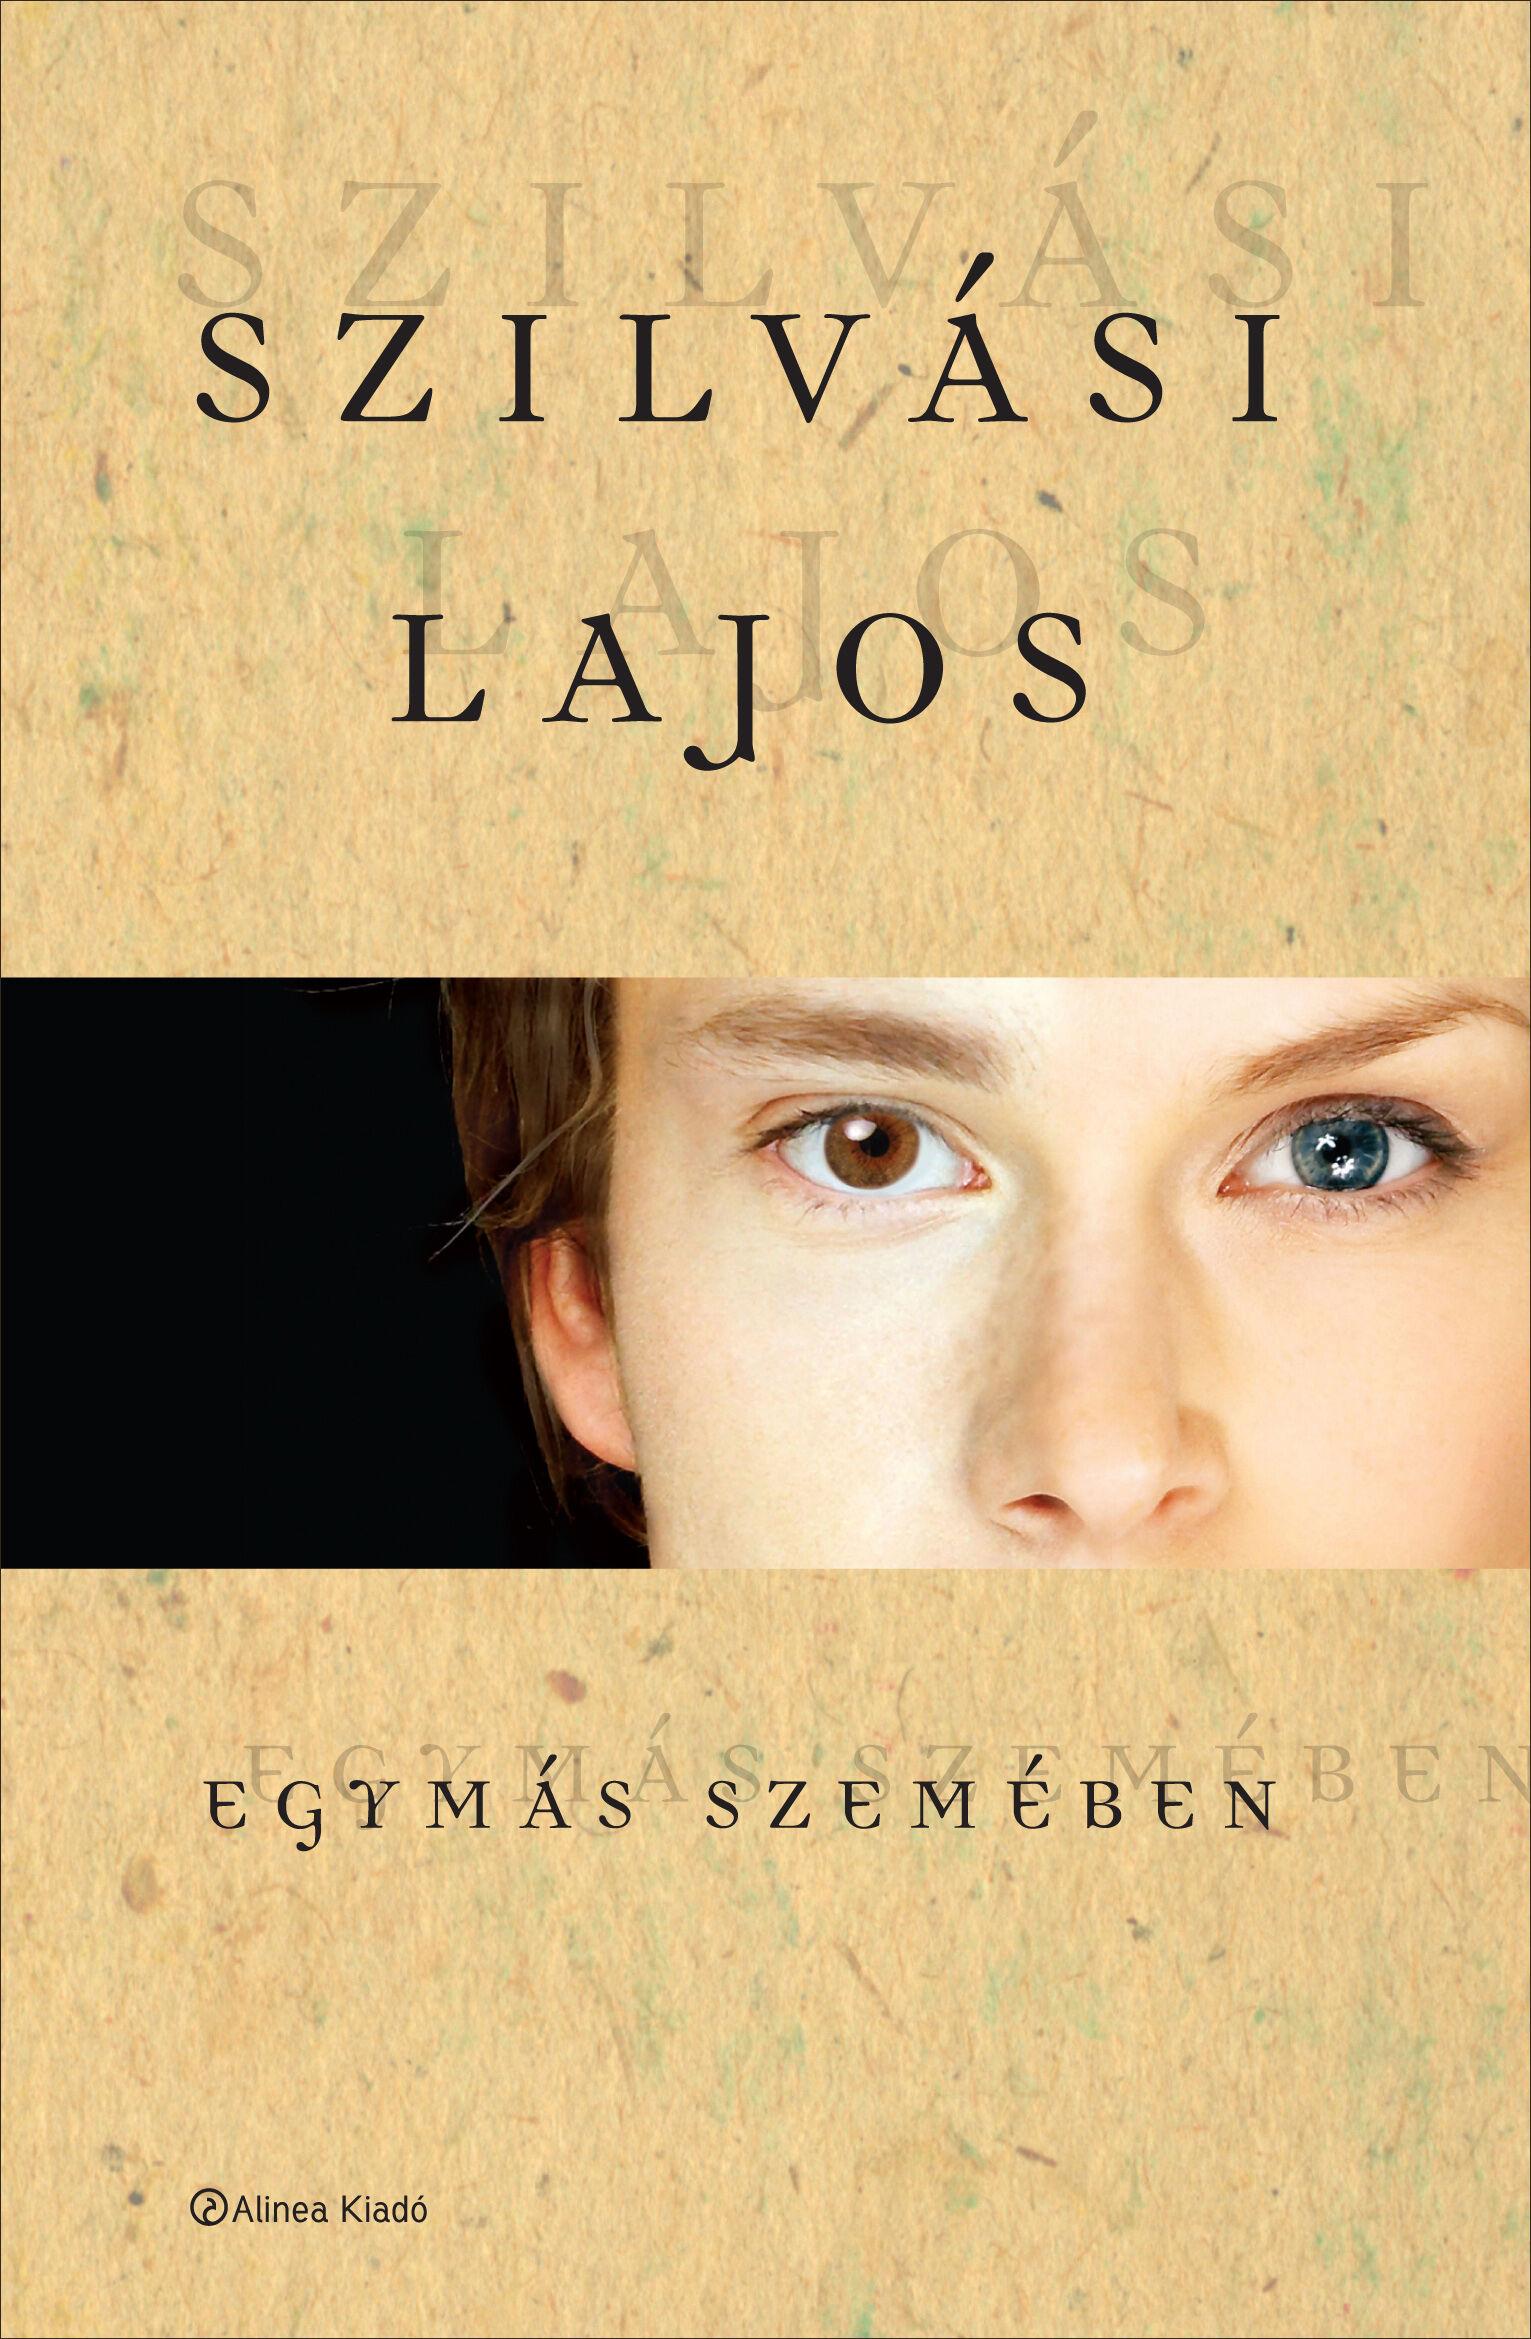 egymás szemében, Szilvási regények, párhuzamos naplók, párhuzamos történetek